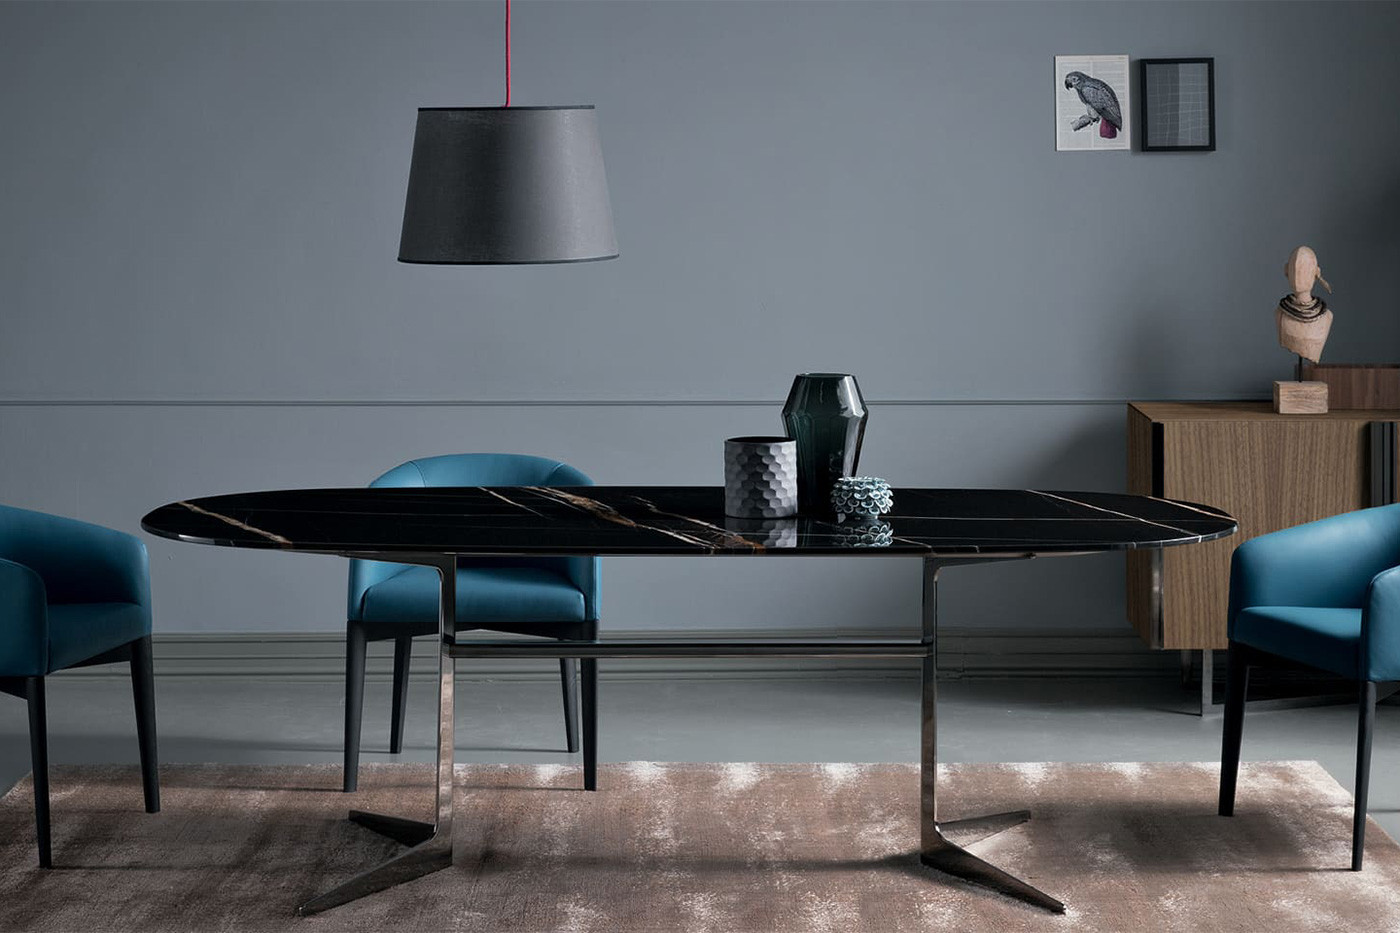 Tavolo da pranzo con due gambe in metallo, piano ovale o rettangolare da 8 a 10 posti